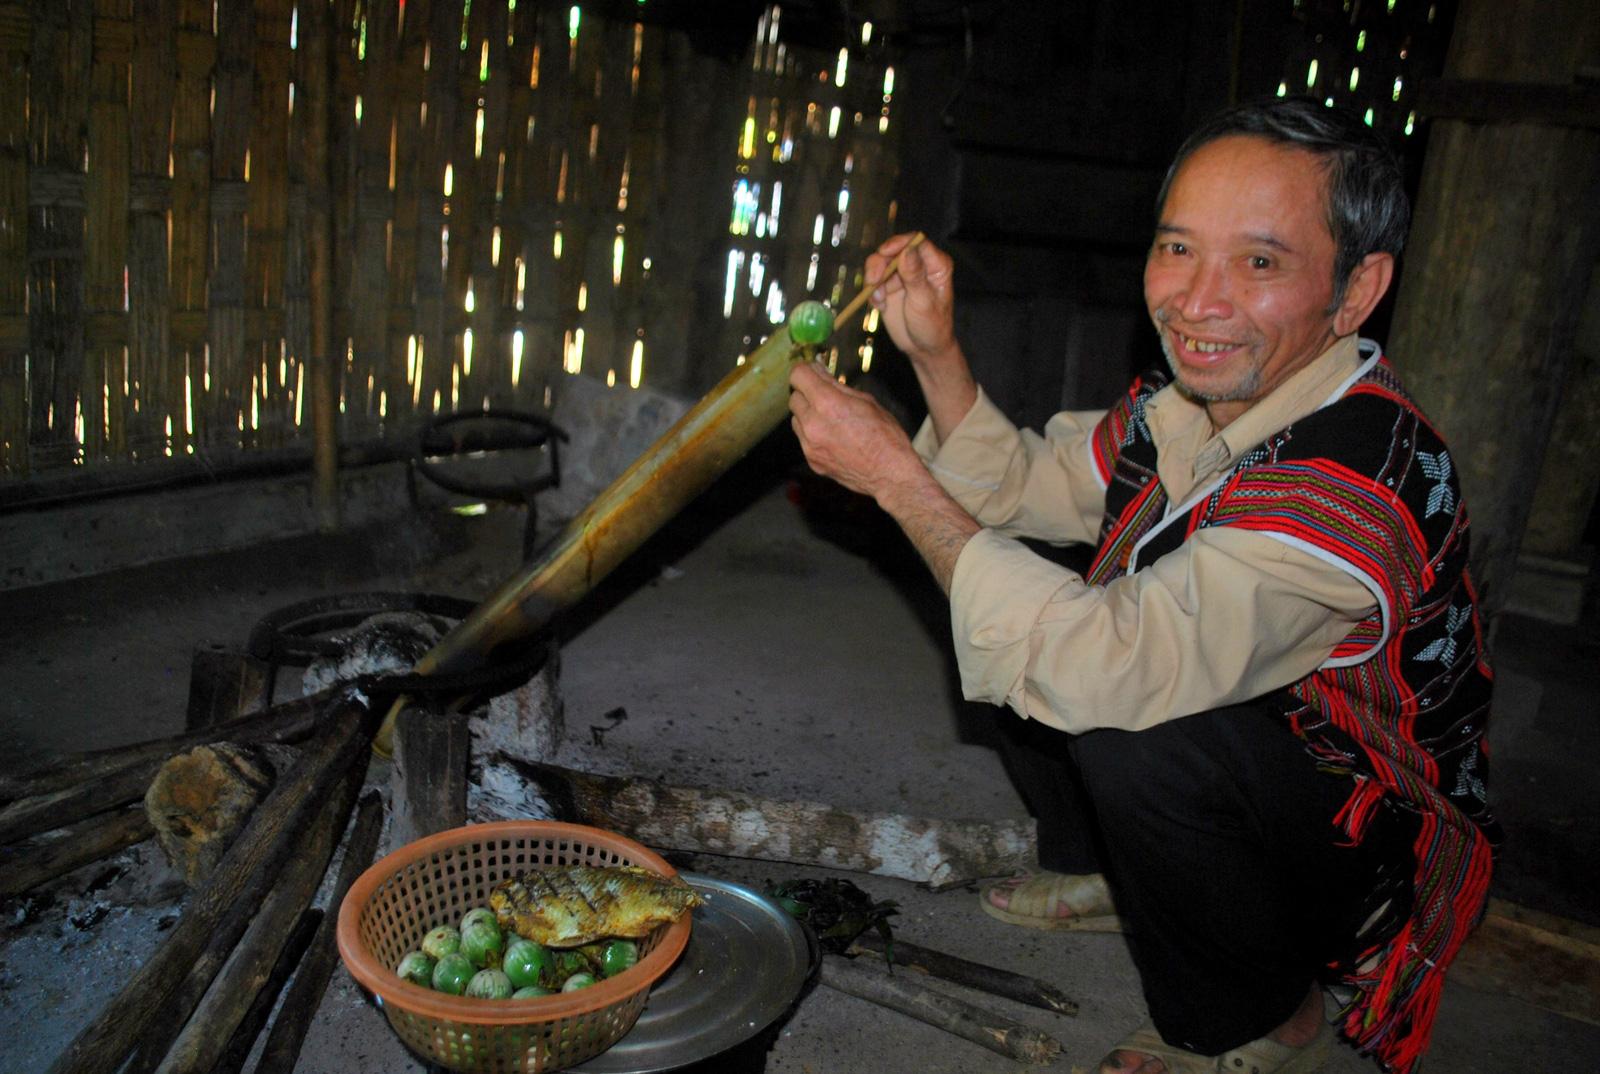 Kể chuyện làng: Lên Trường Sơn ăn món cà đắng của người Cơ Tu - Ảnh 4.